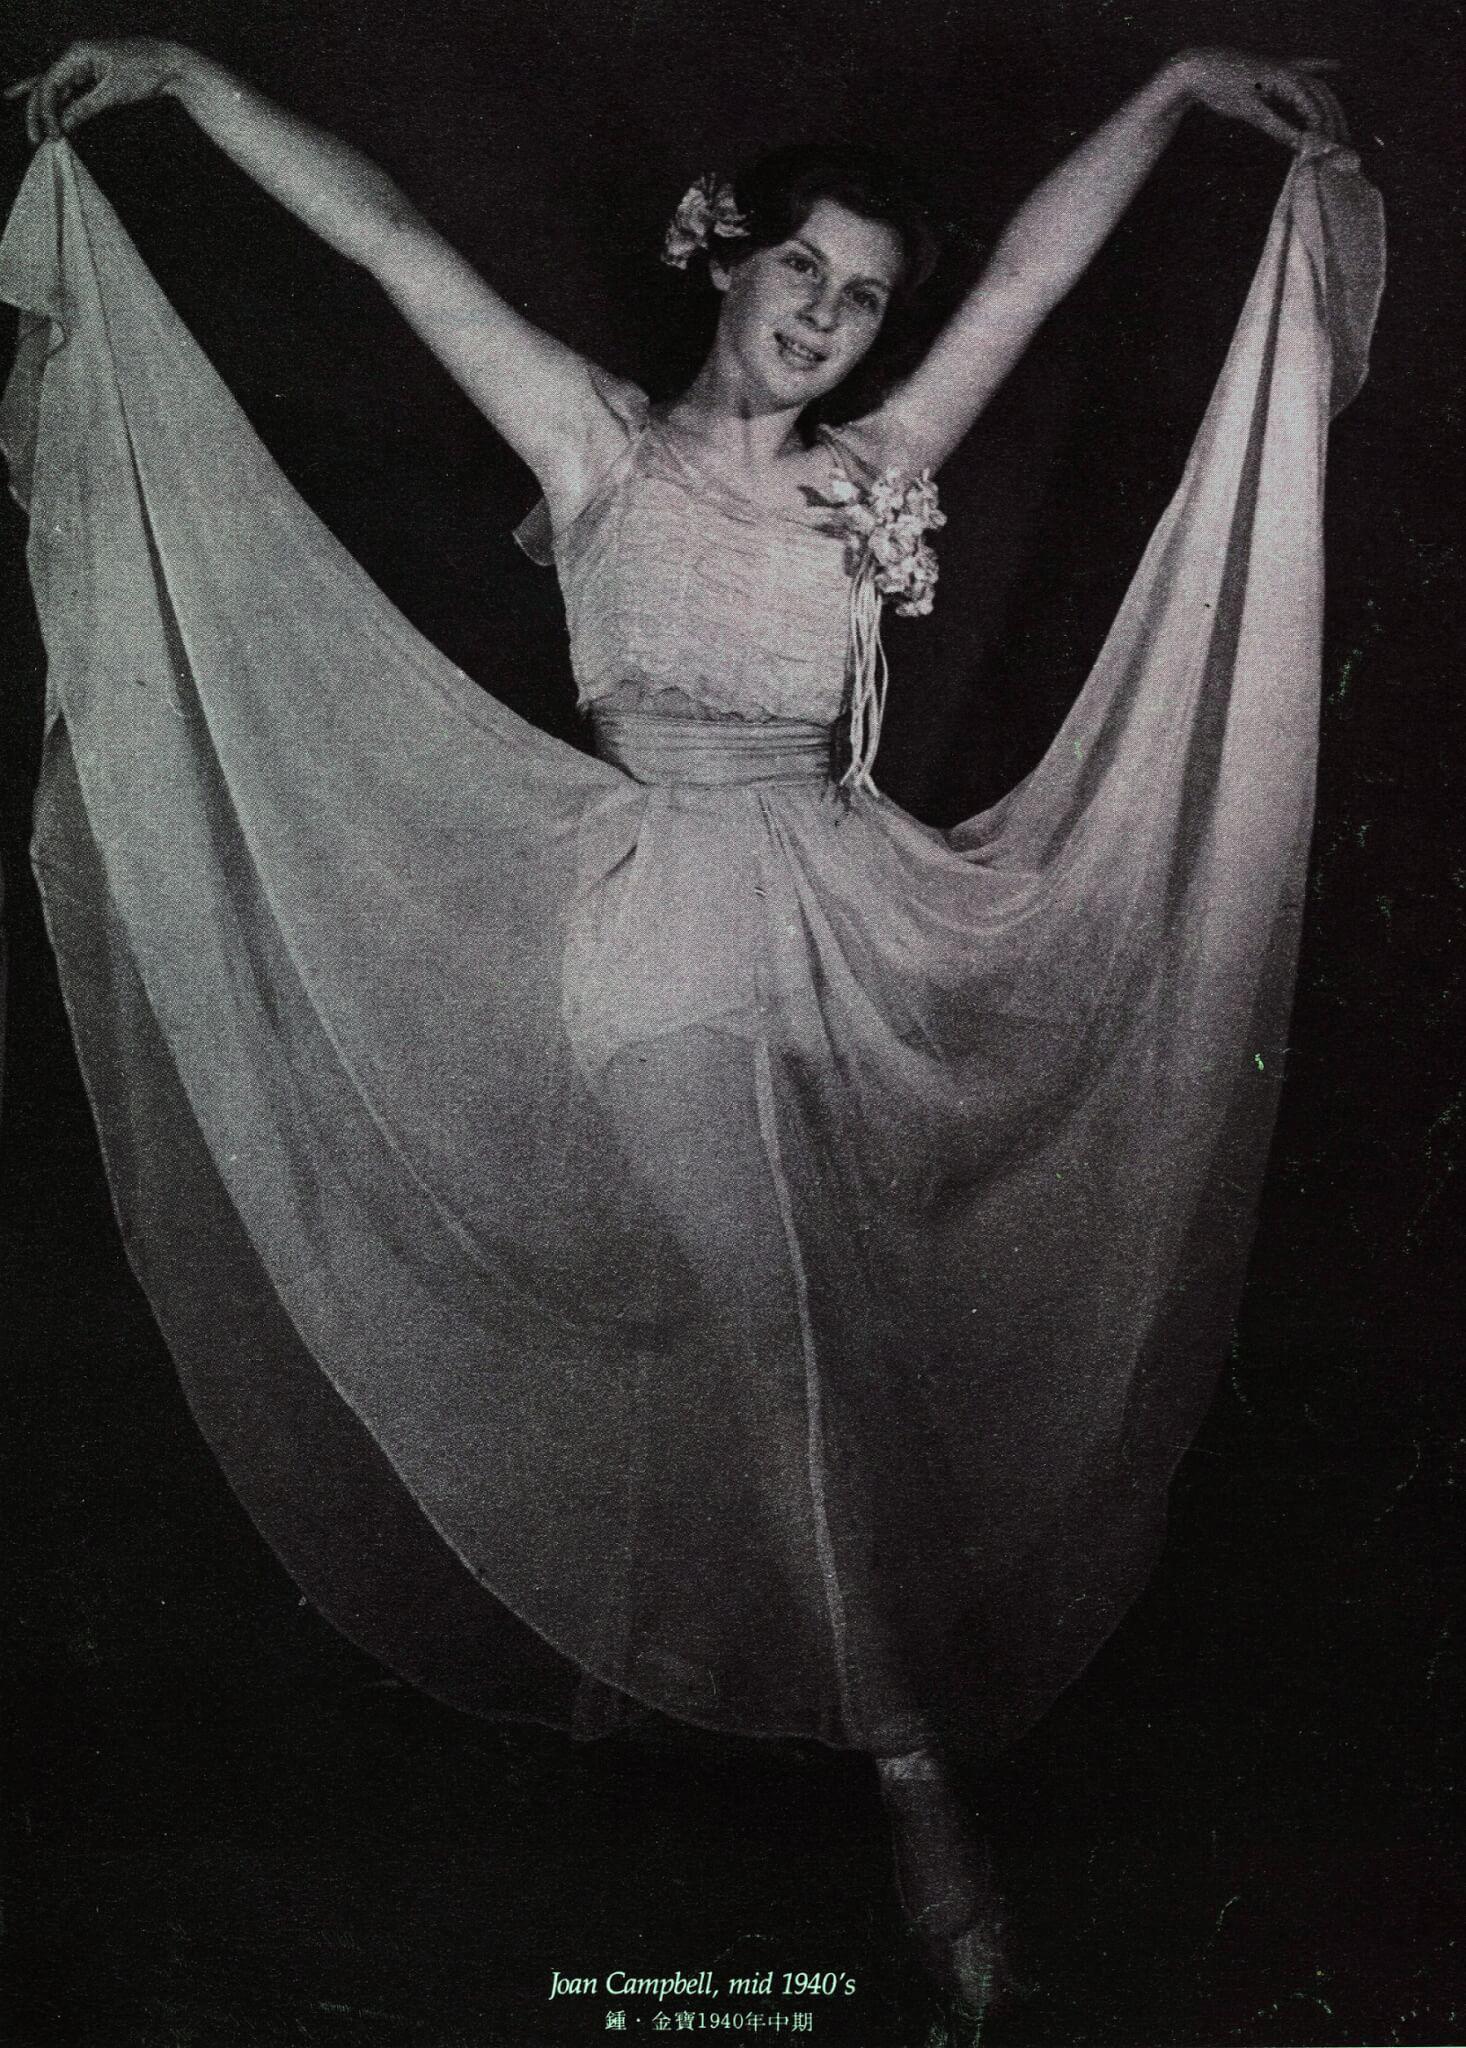 鍾金寶於四十年代的演出